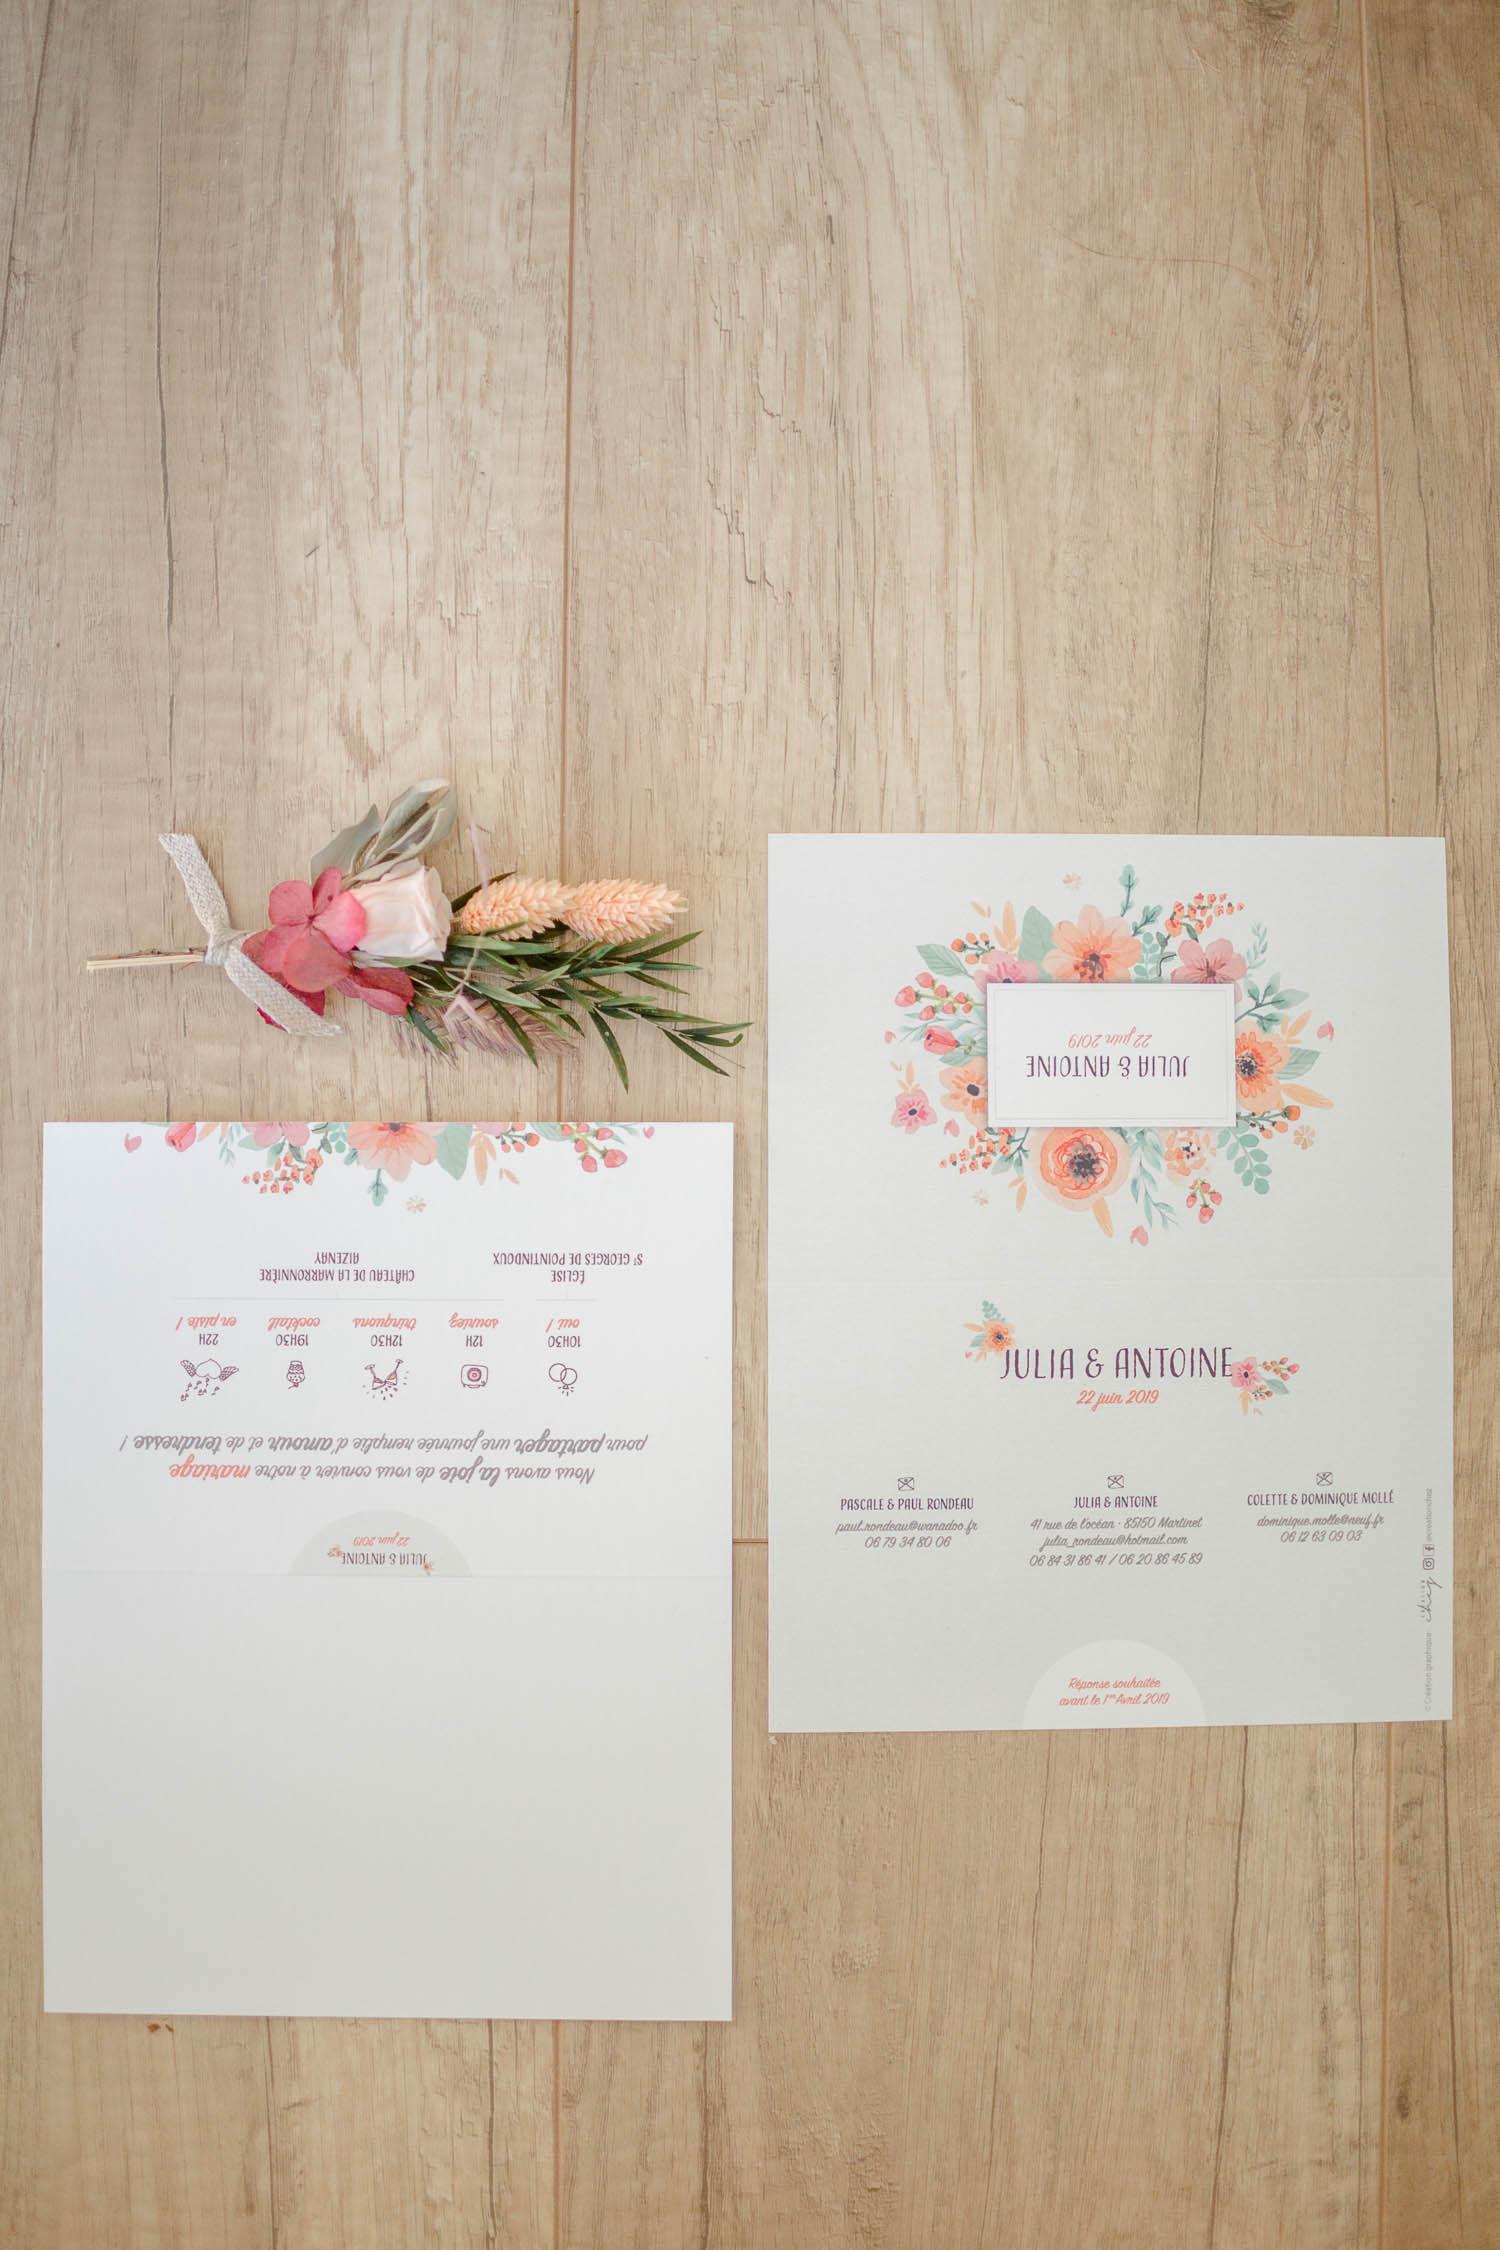 Mariage à la Marronnière Julia et Antoine